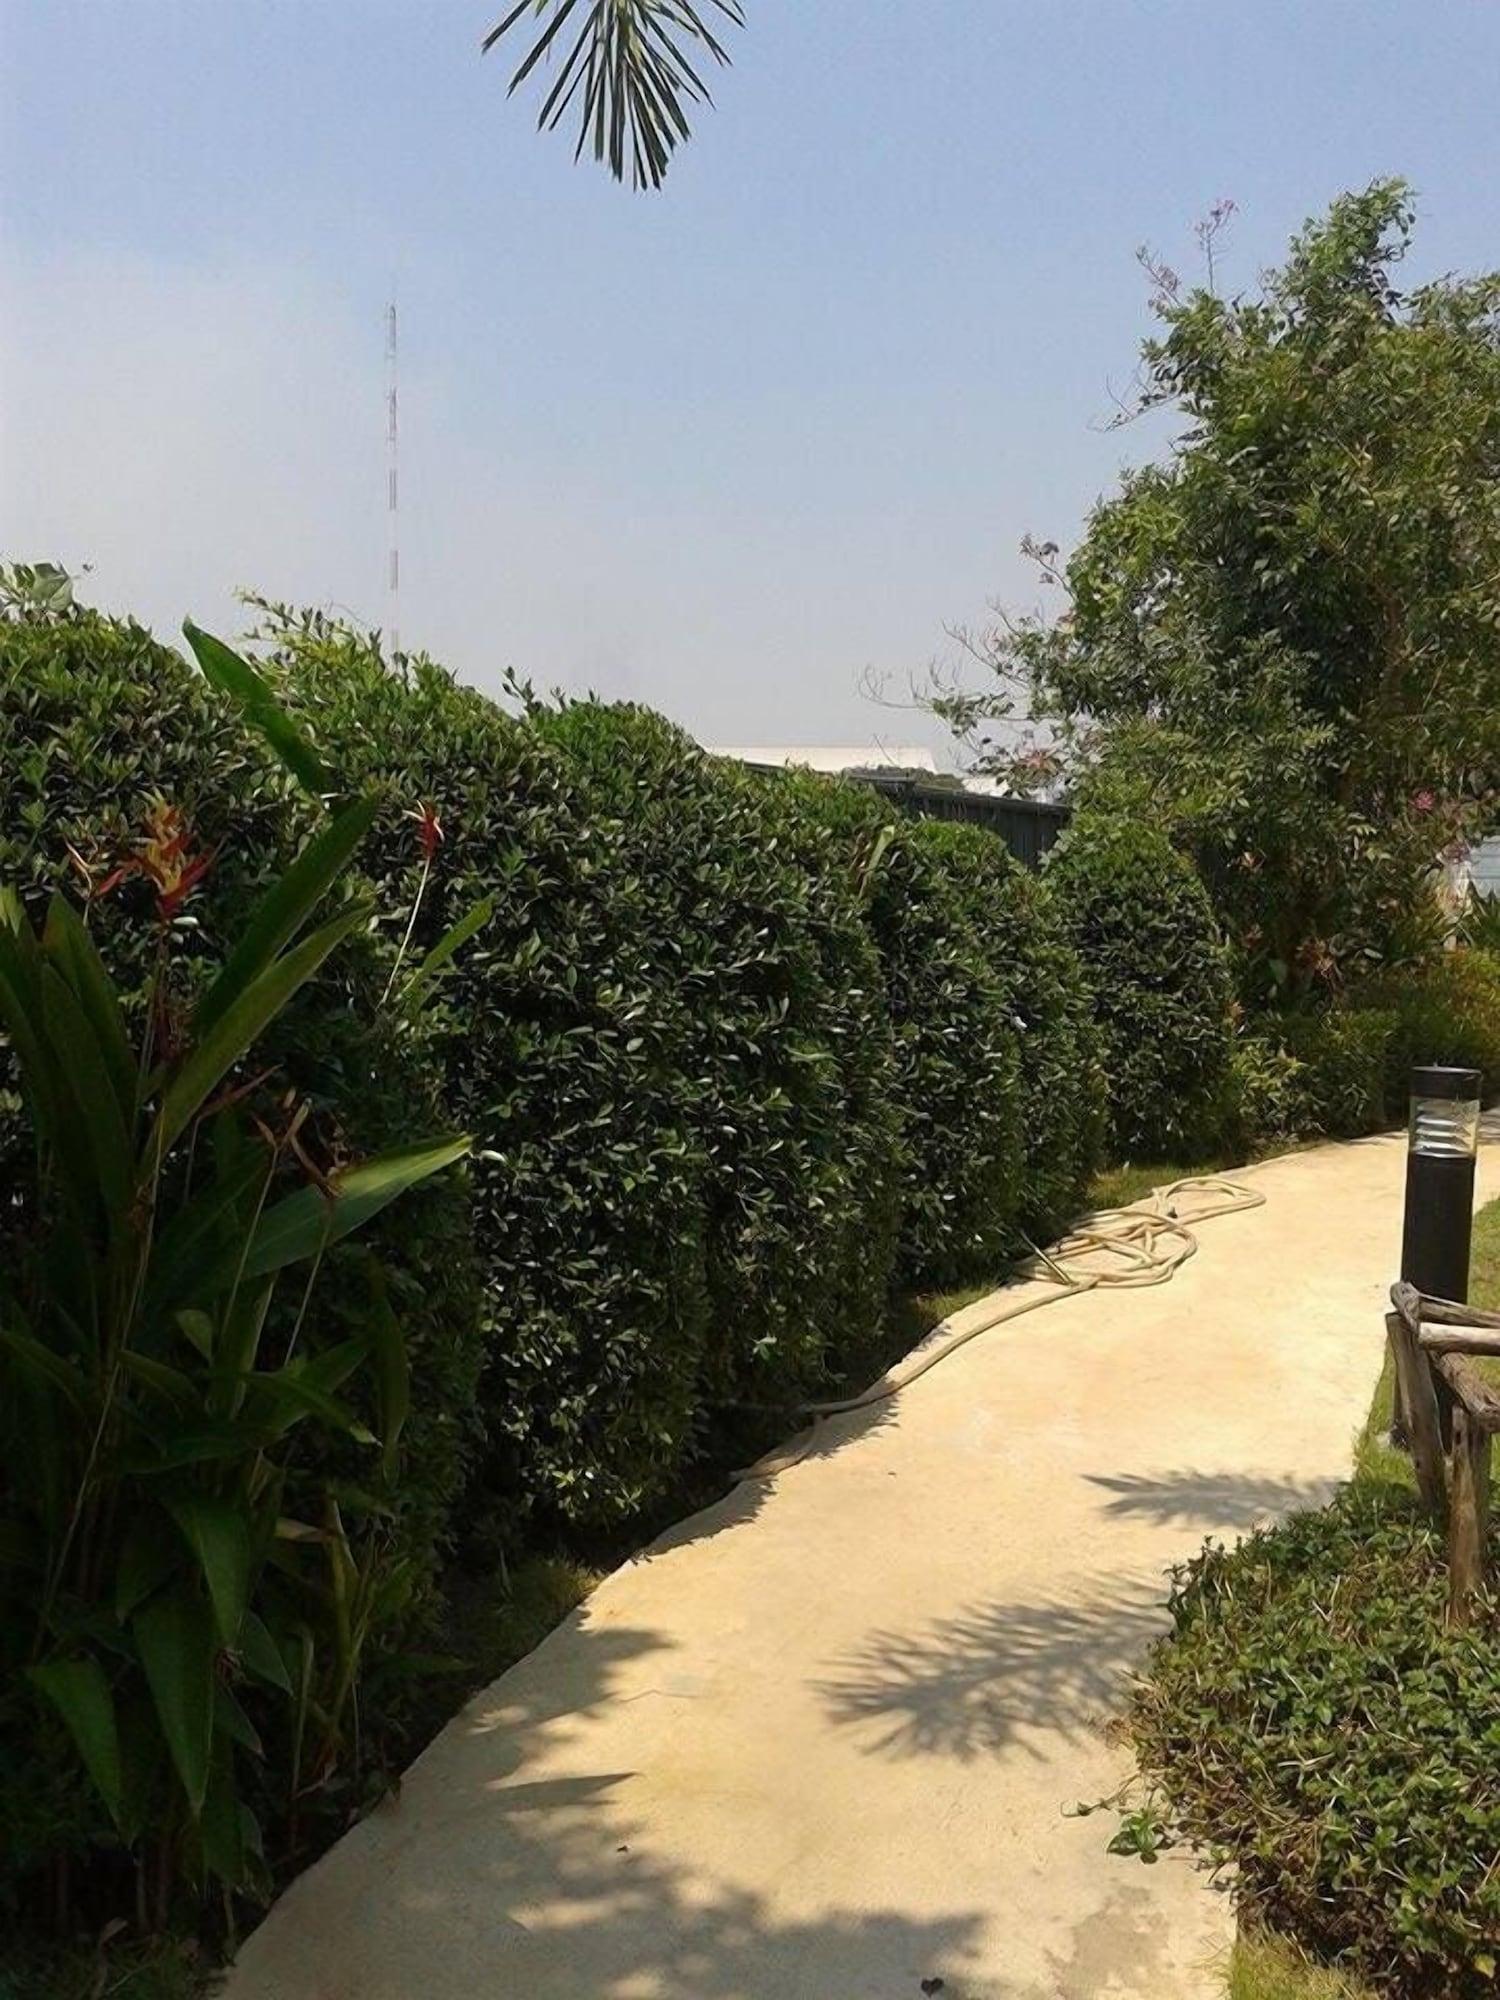 The Kith Condo Garden View, Lam Luk Ka